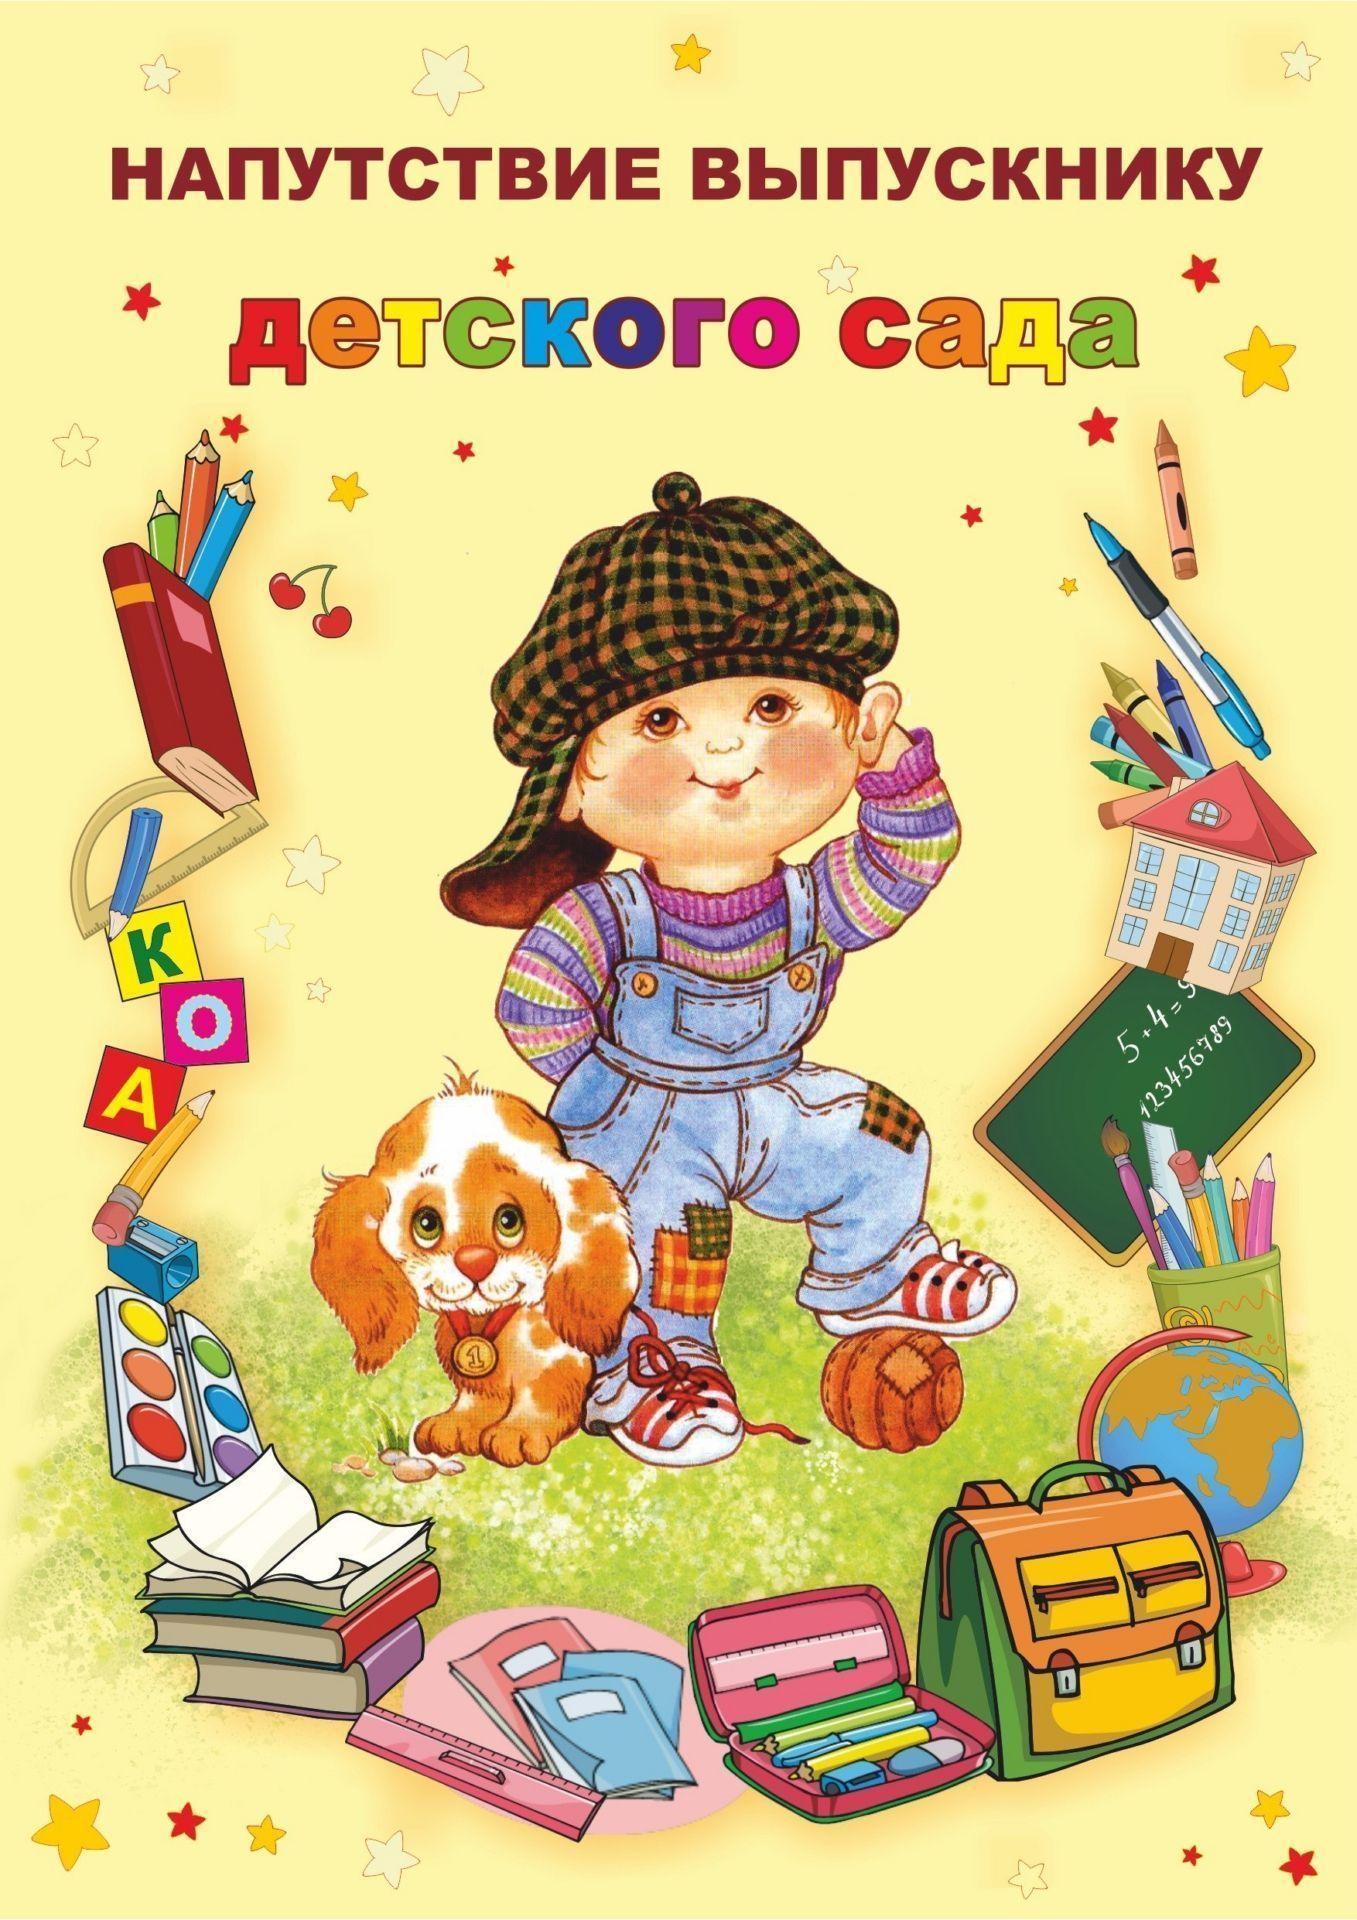 Напутствие выпускнику детского сада (открытка)